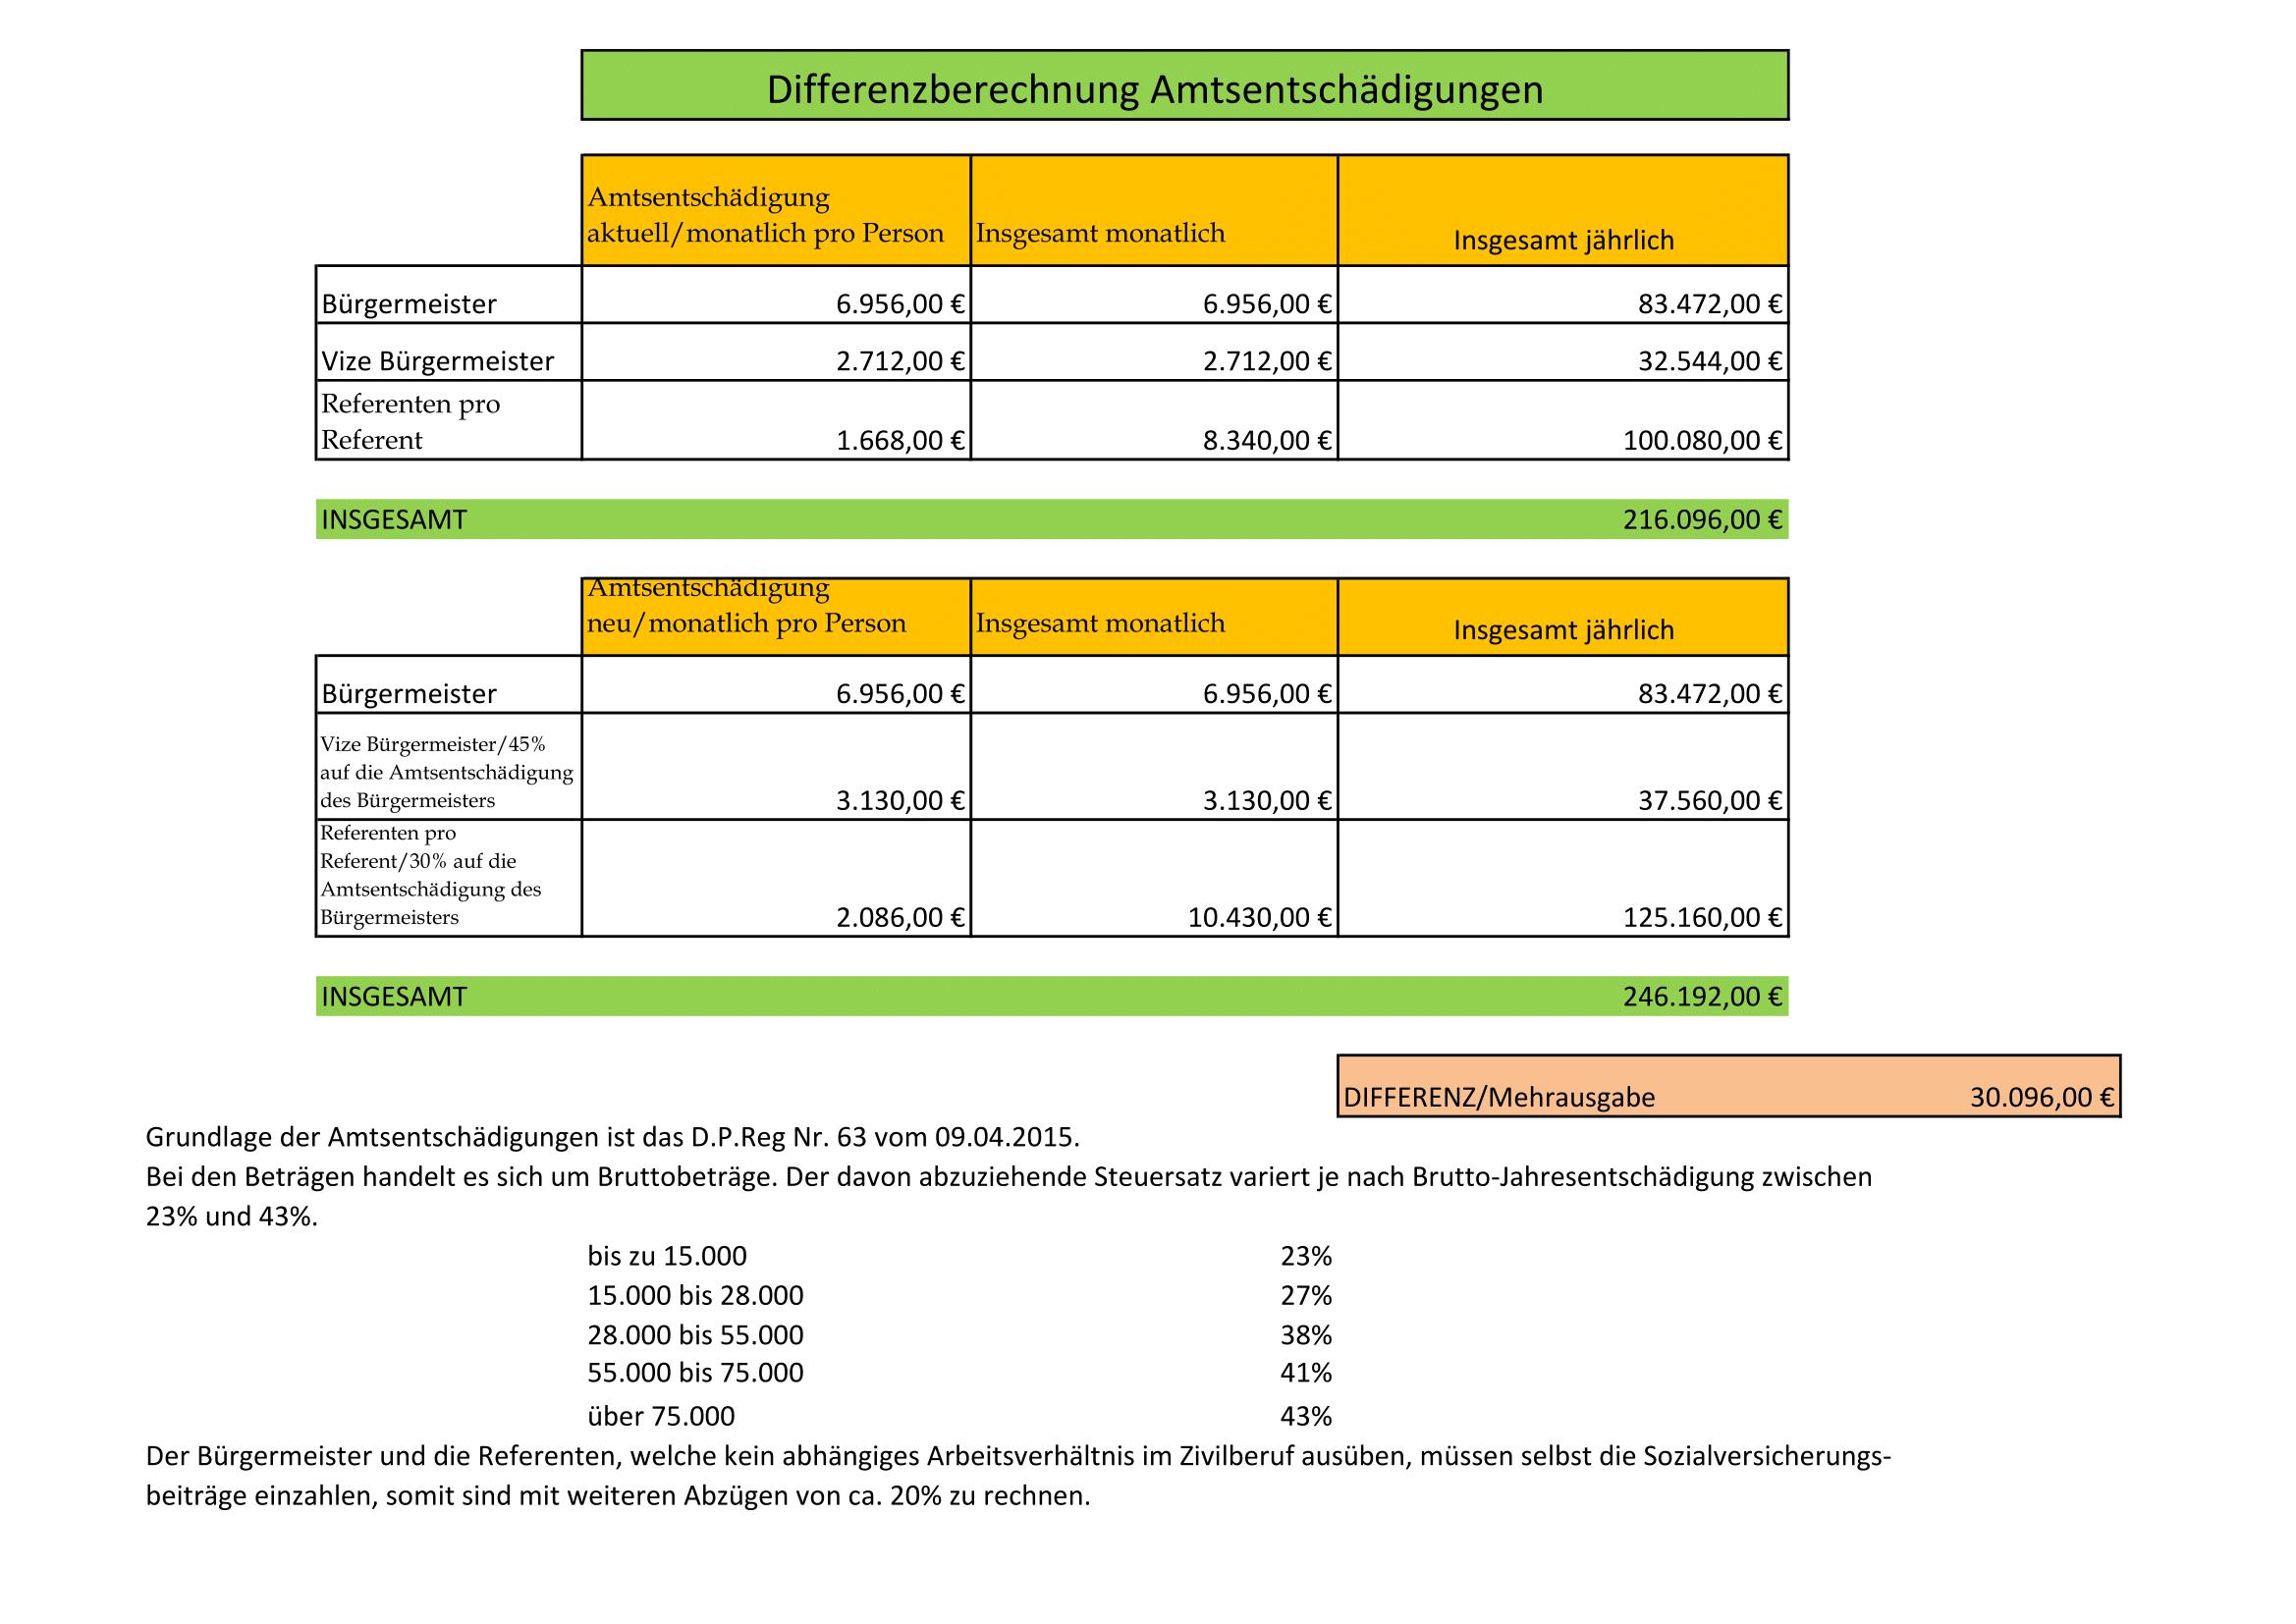 Aufstellung Amtsentschädigungen(E100036617)-1